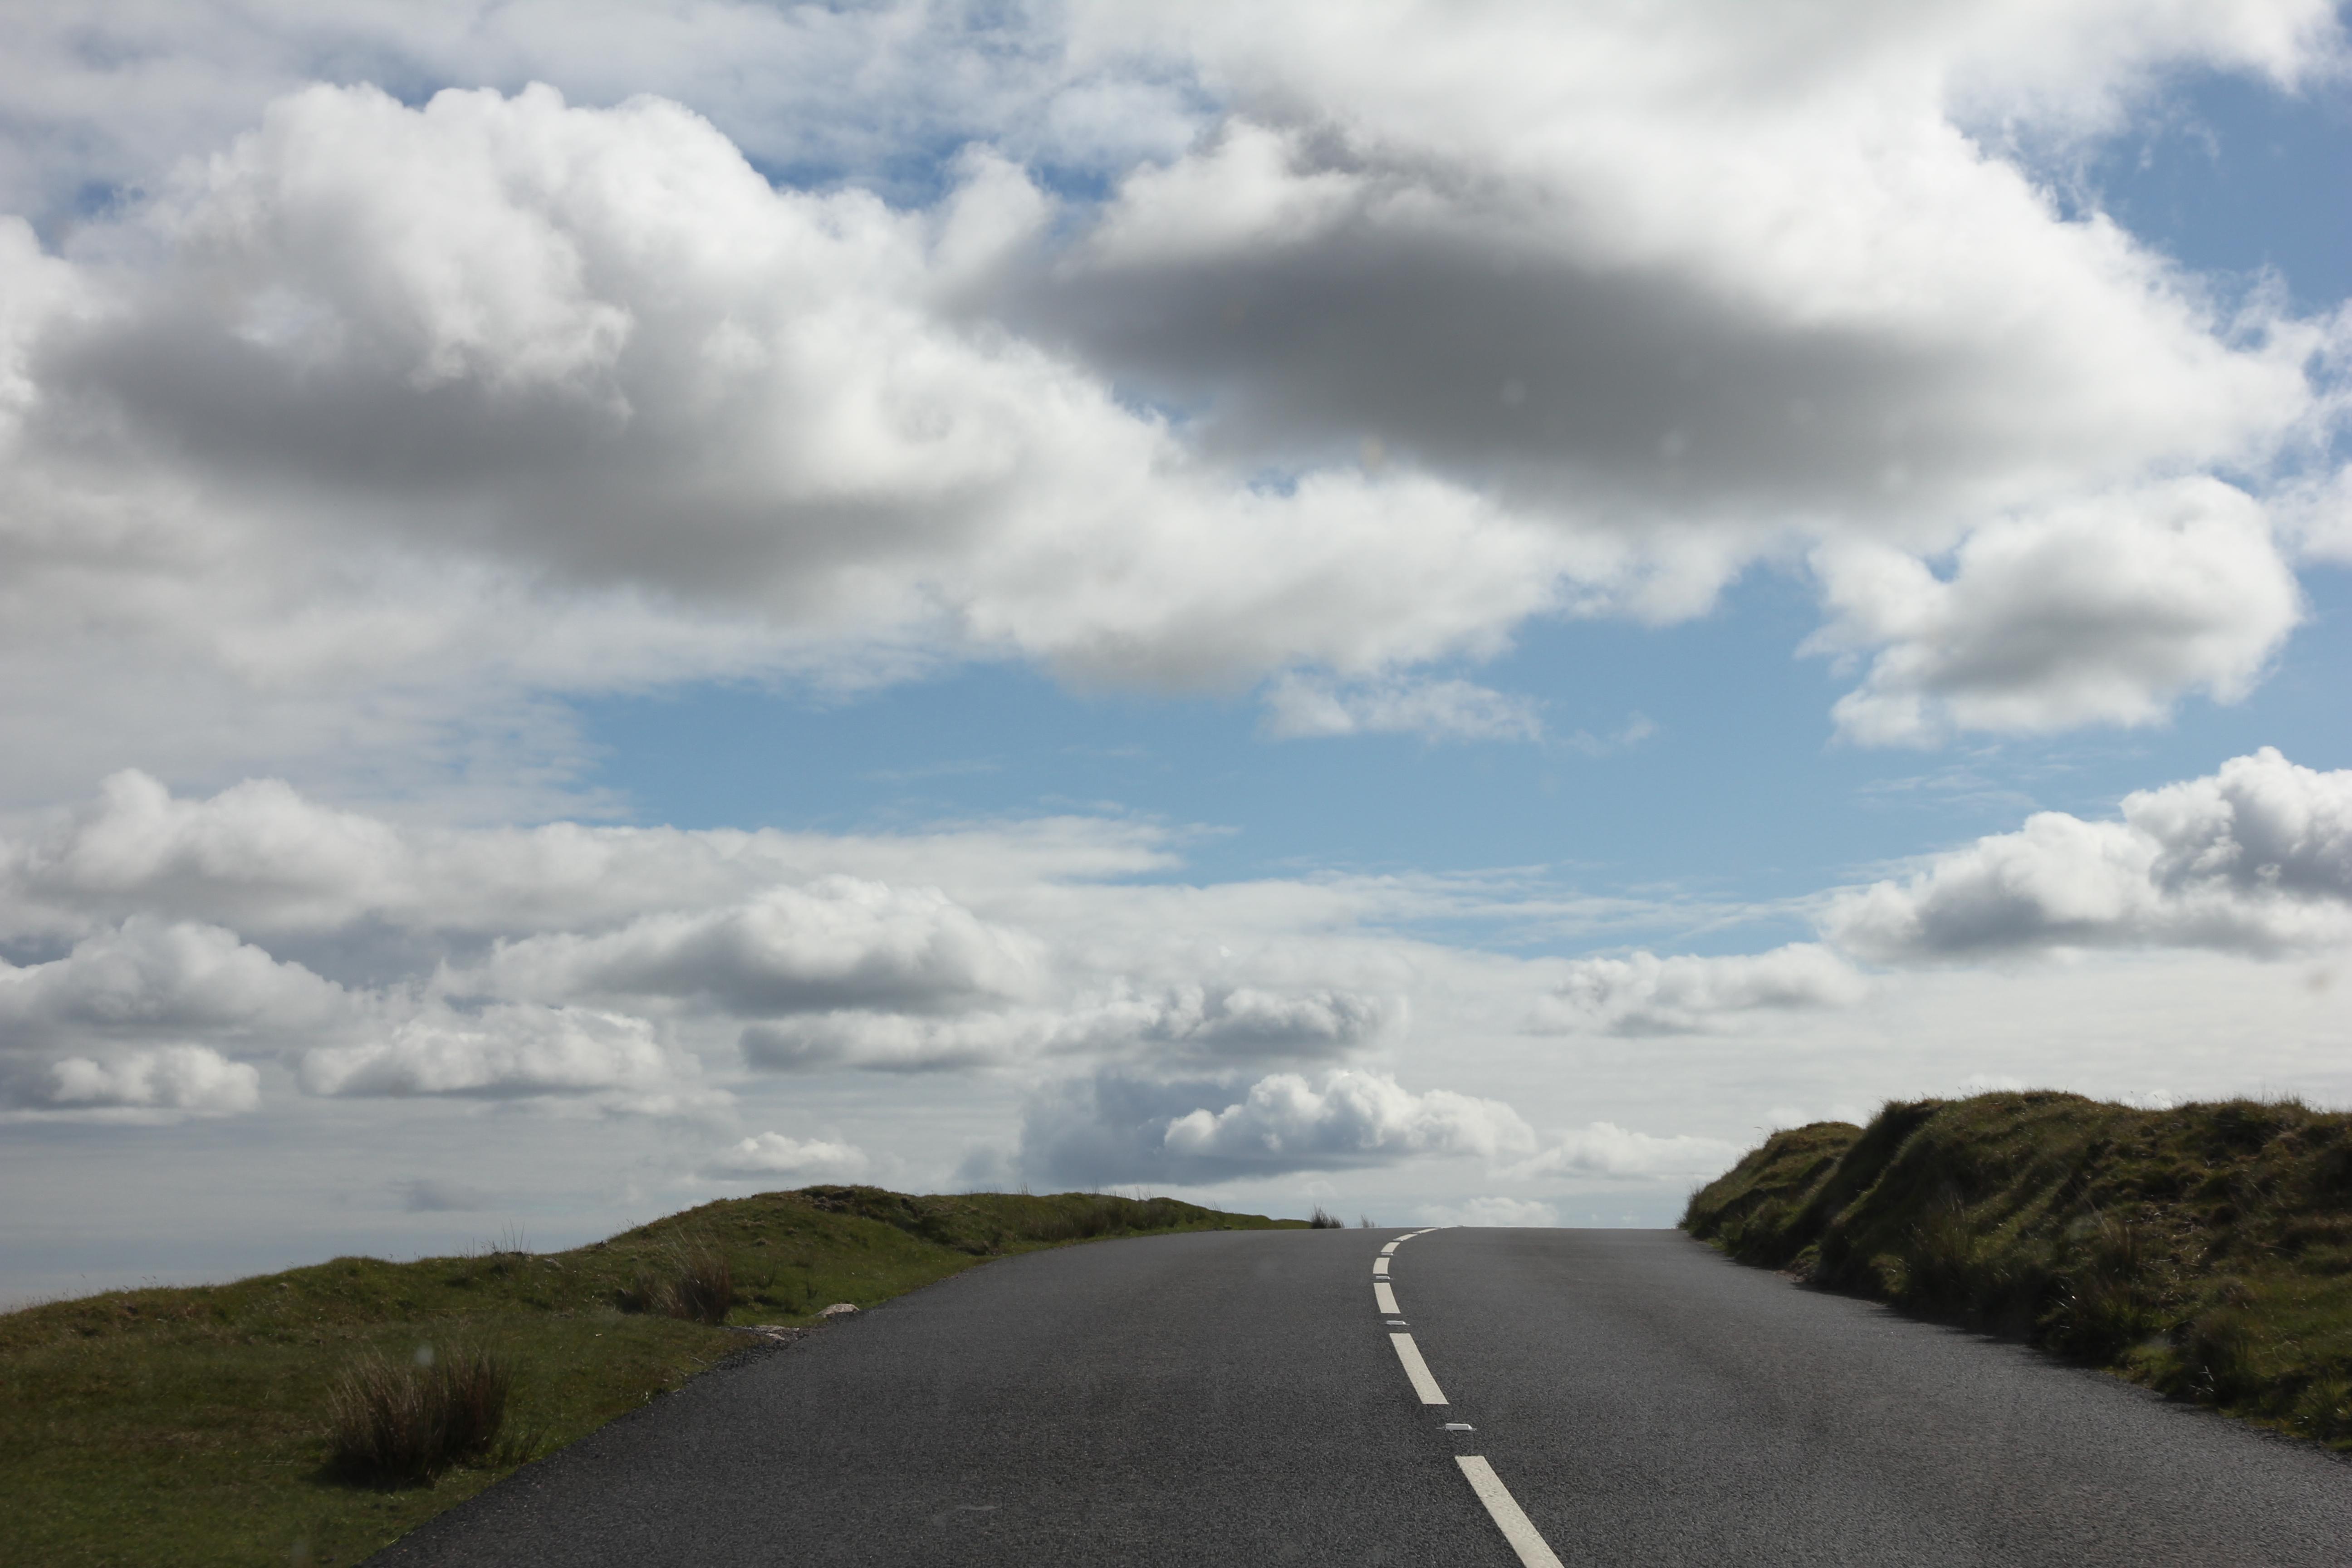 VW T5 California der Weg ist das Ziel Unterschied Urlaub und Reisen